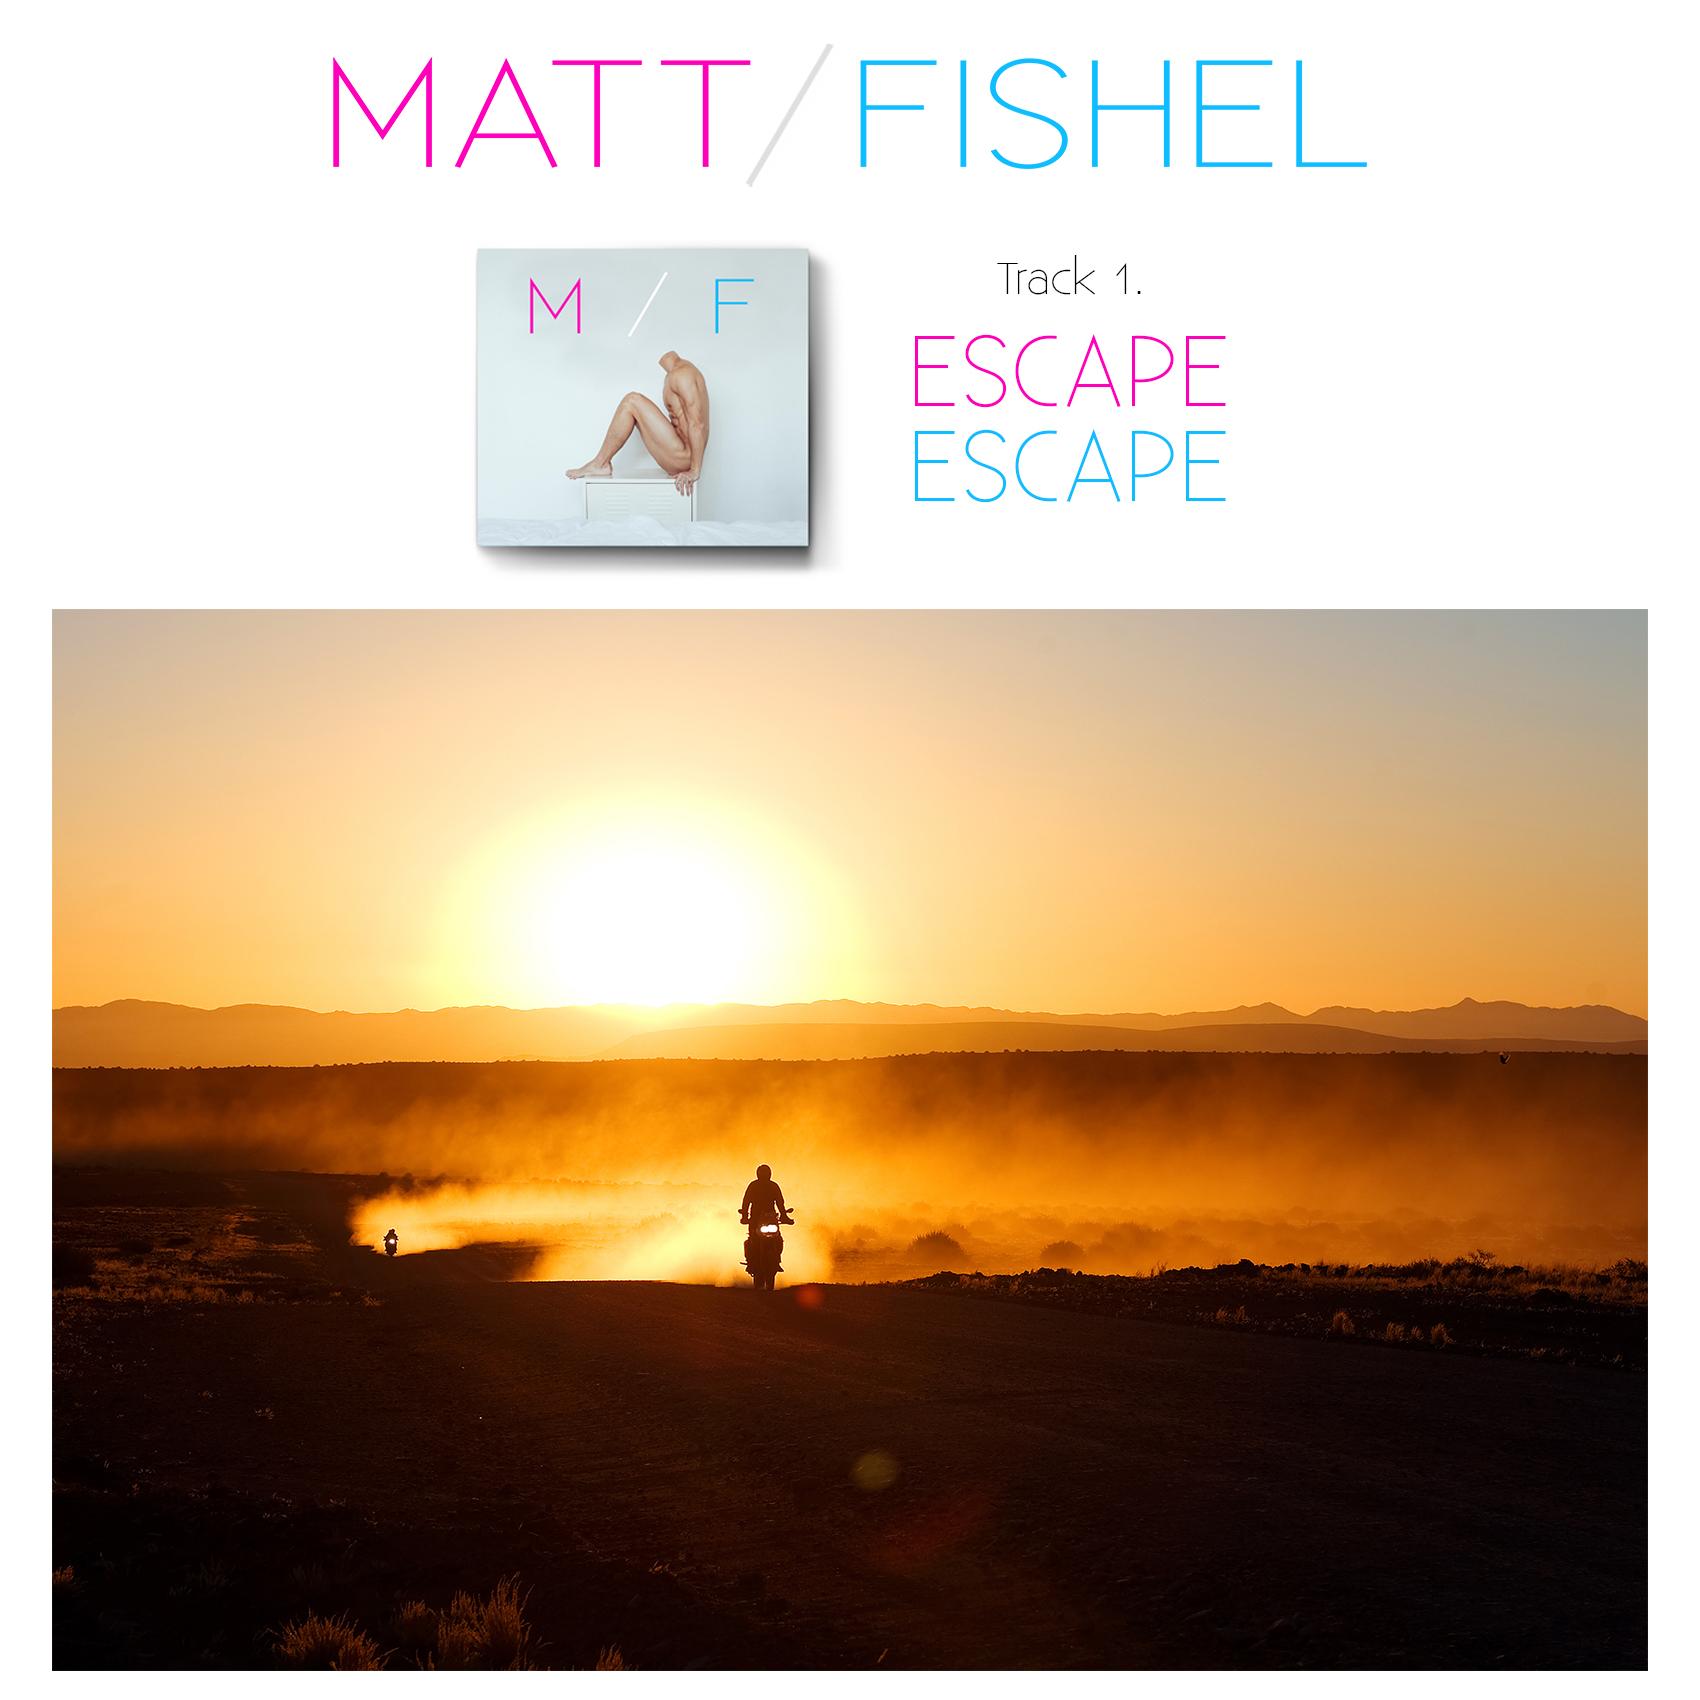 Matt Fishel_MF_Track 01_Escape 2.jpg